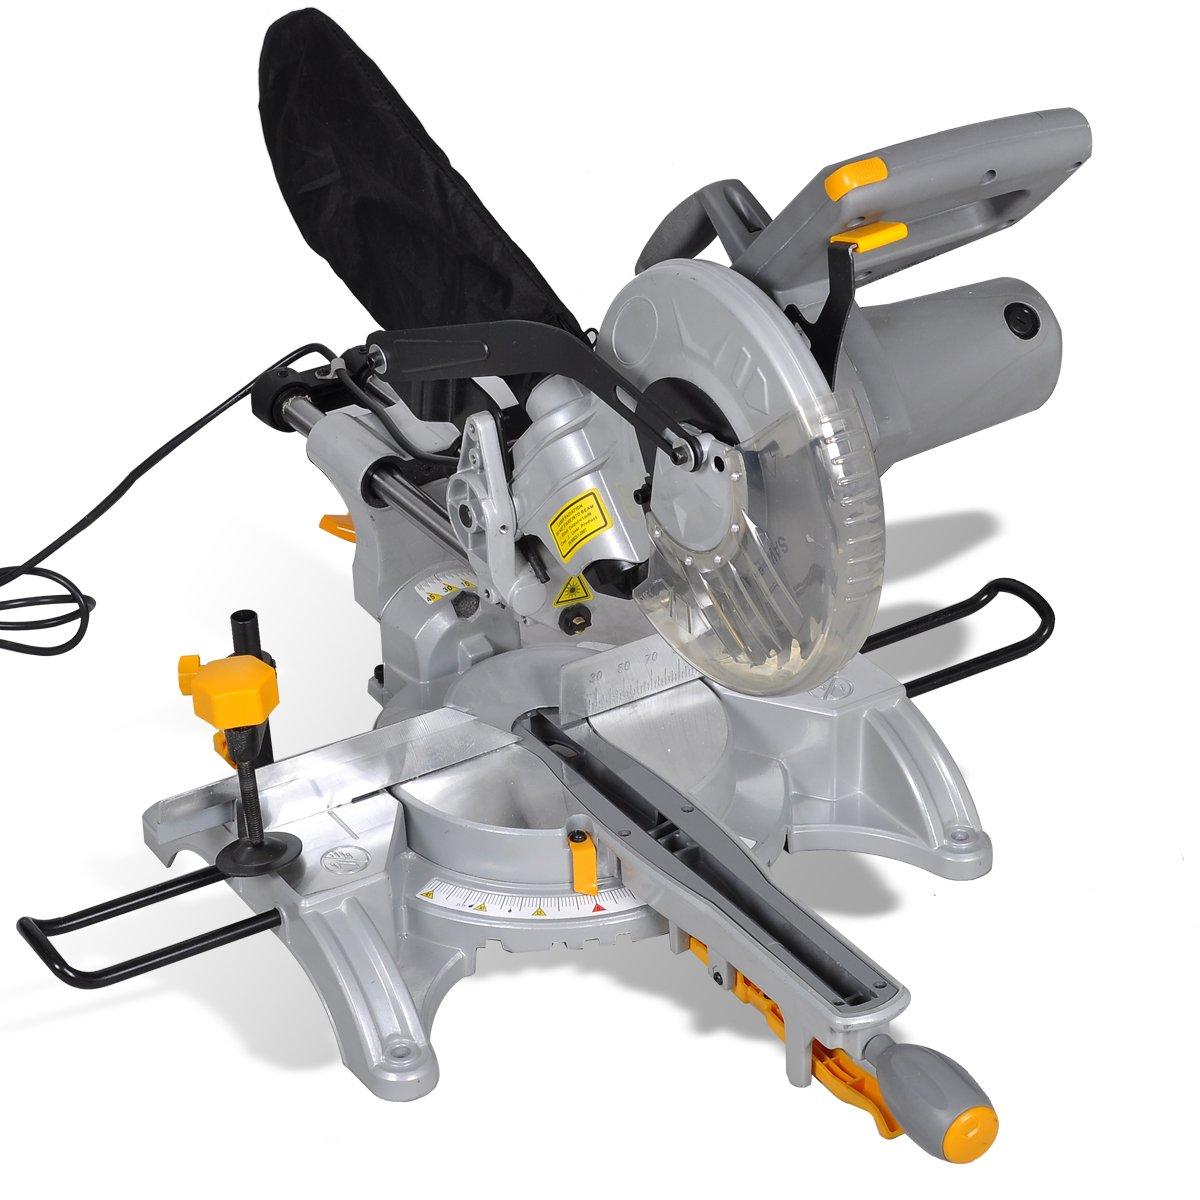 Zug Kapp und Gehrungssäge 1700 W Zugsäge Kappsäge mit Laser, 210mm Sägeblatt   Kundenbewertung und weitere Informationen